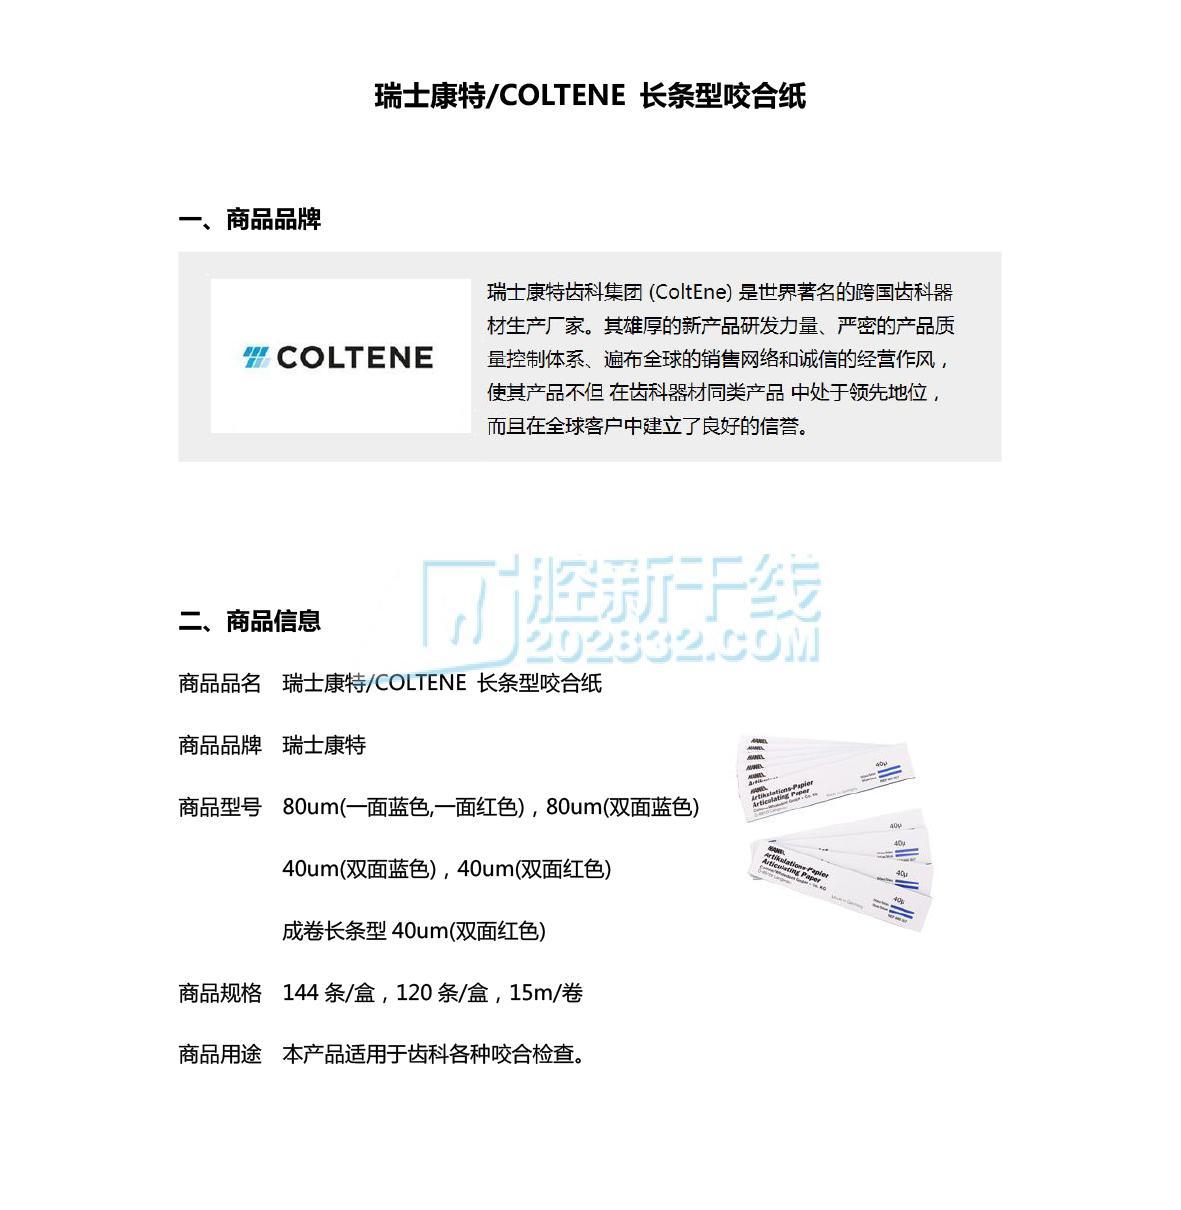 瑞士康特COLTENE 长条型咬合纸-1.jpg